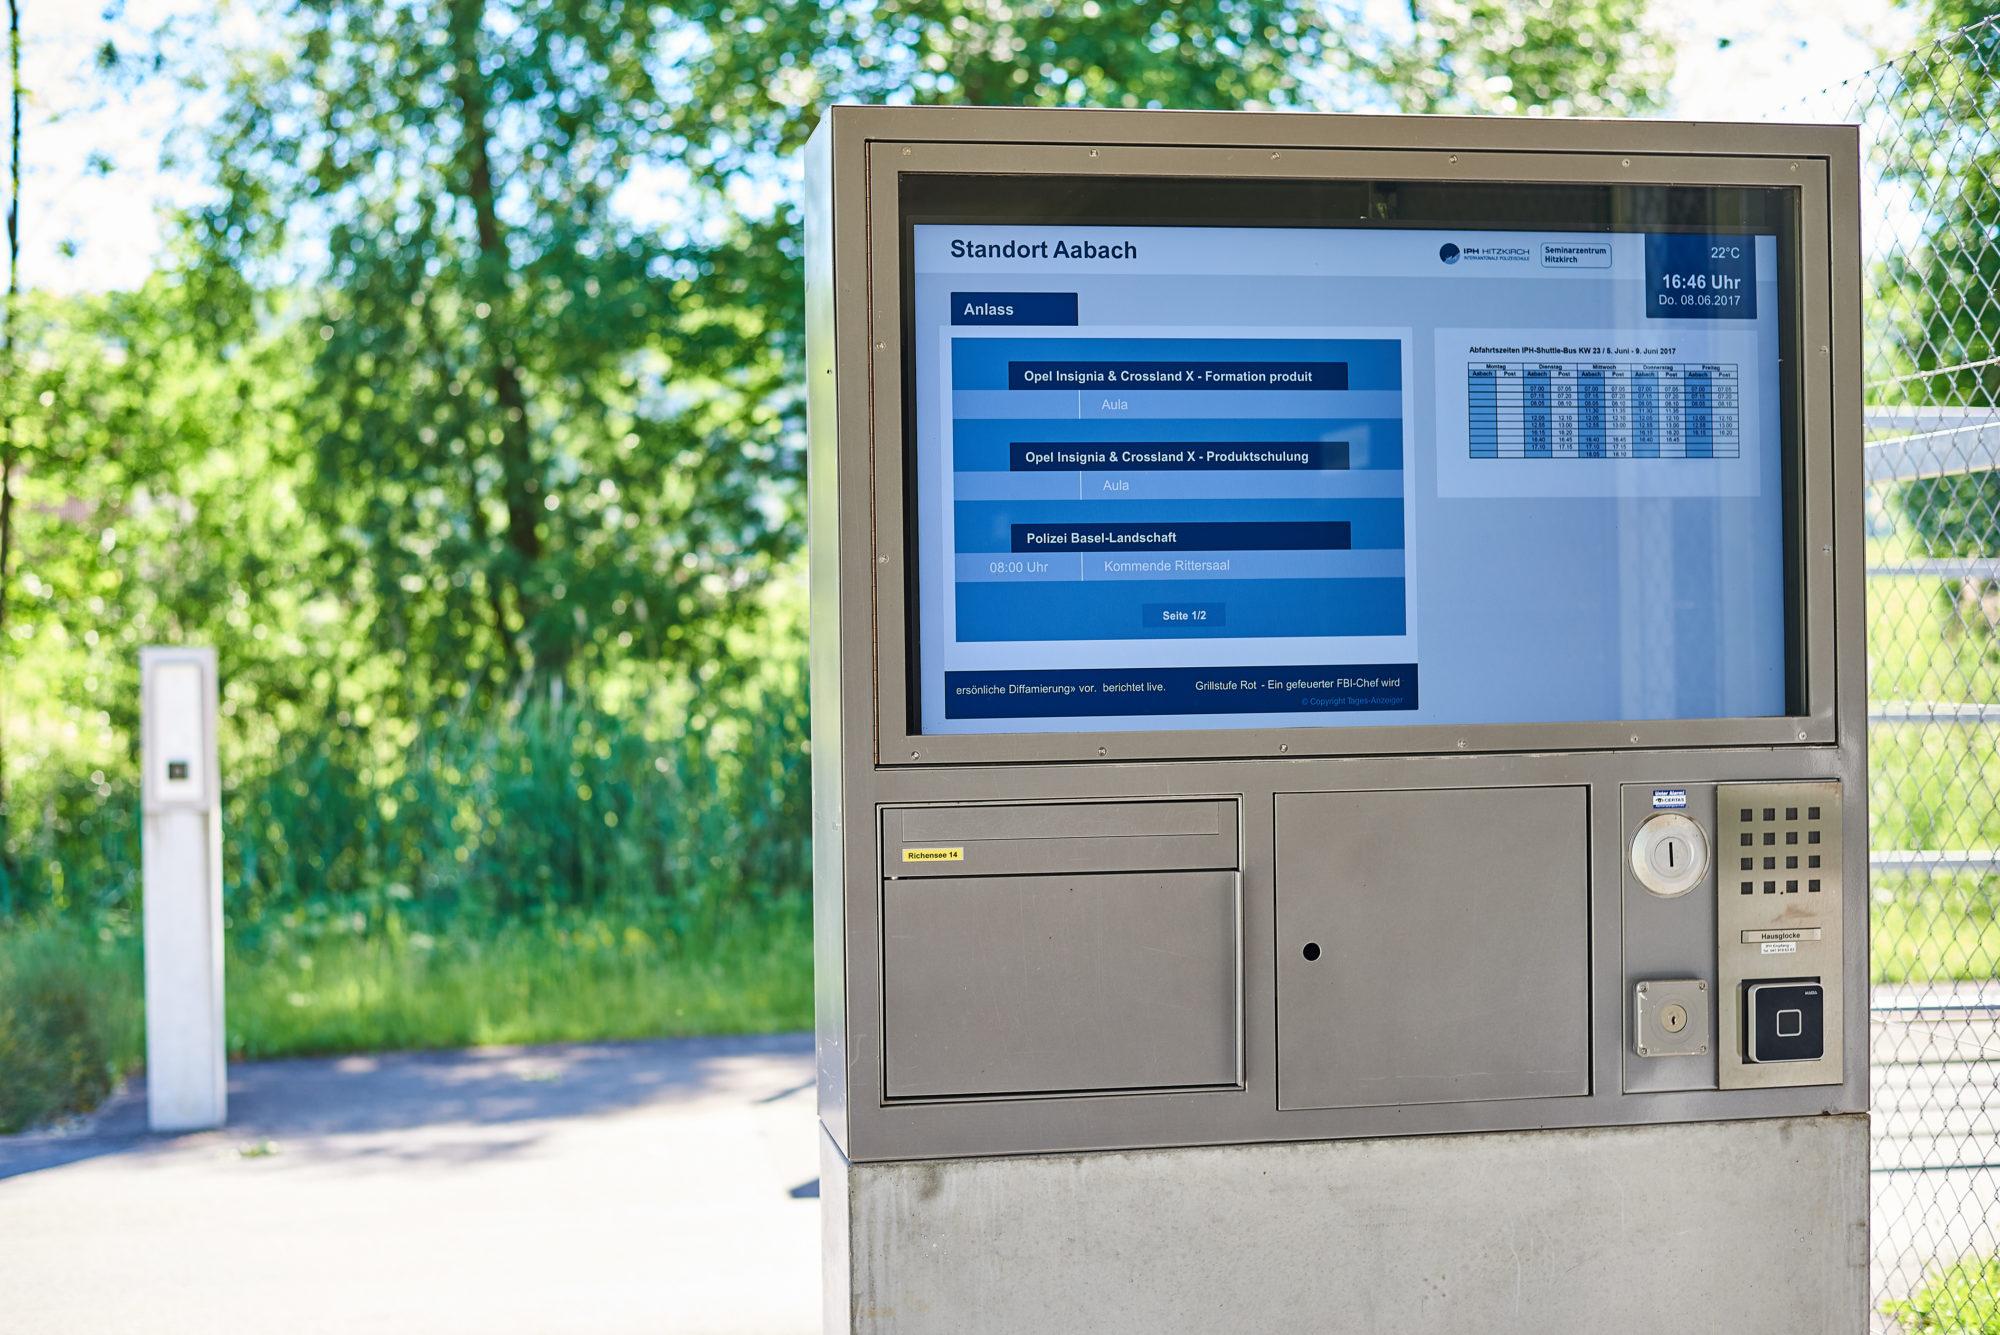 Digital Outdoor Screen